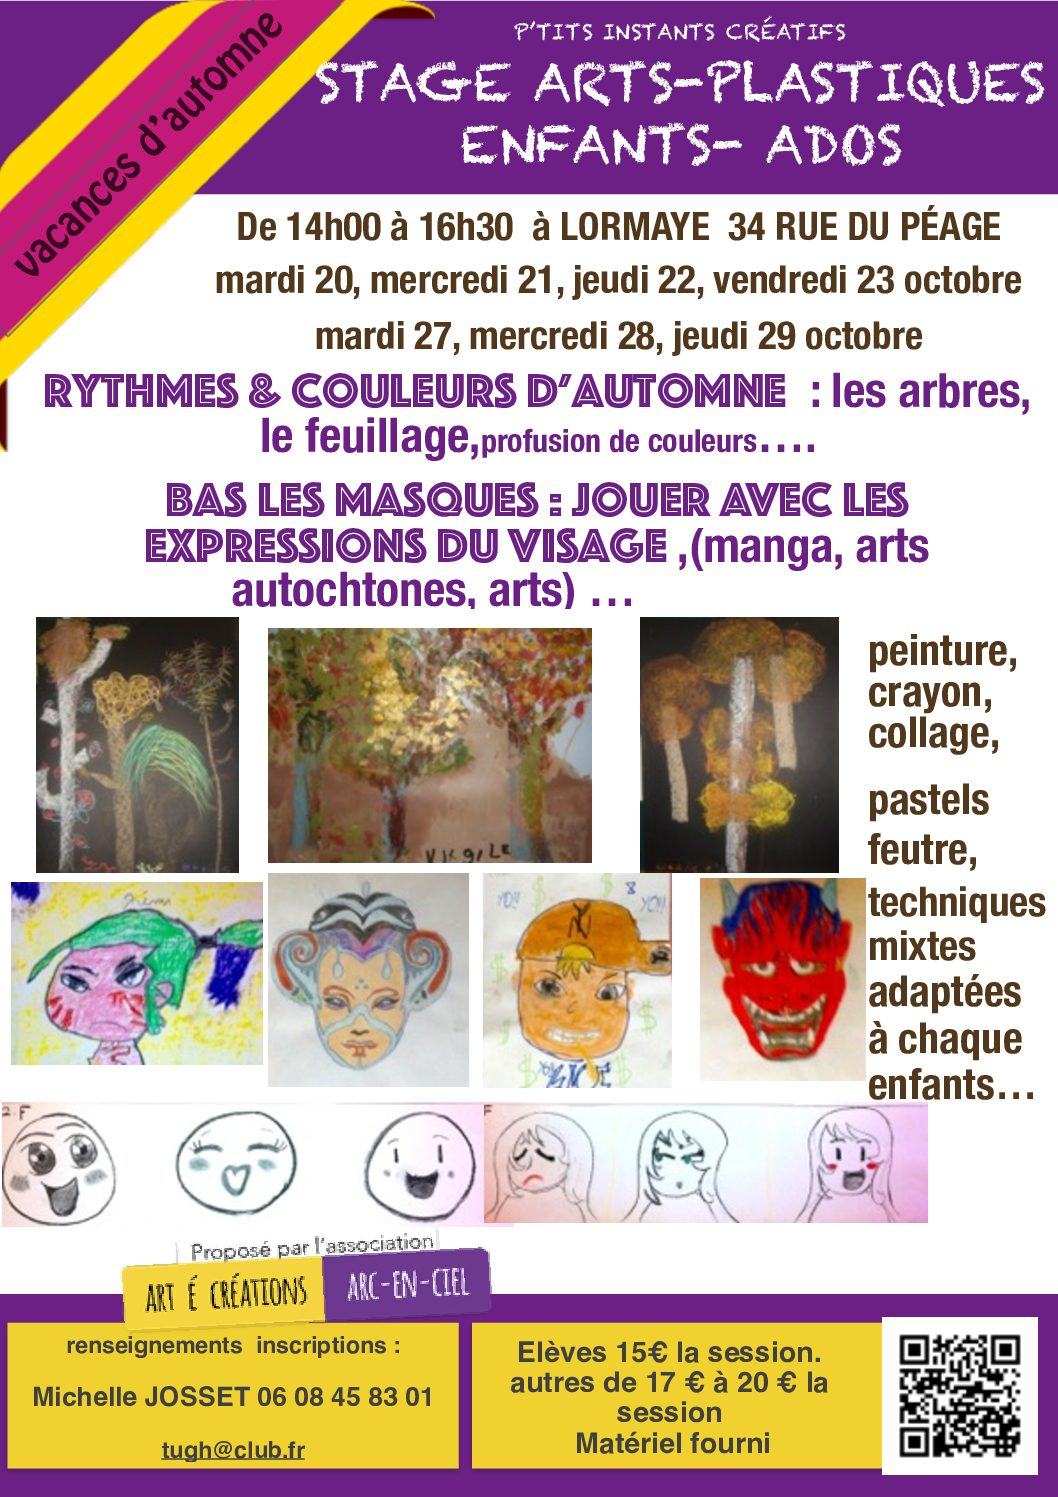 Stage arts-plastiques Enfants-Ados